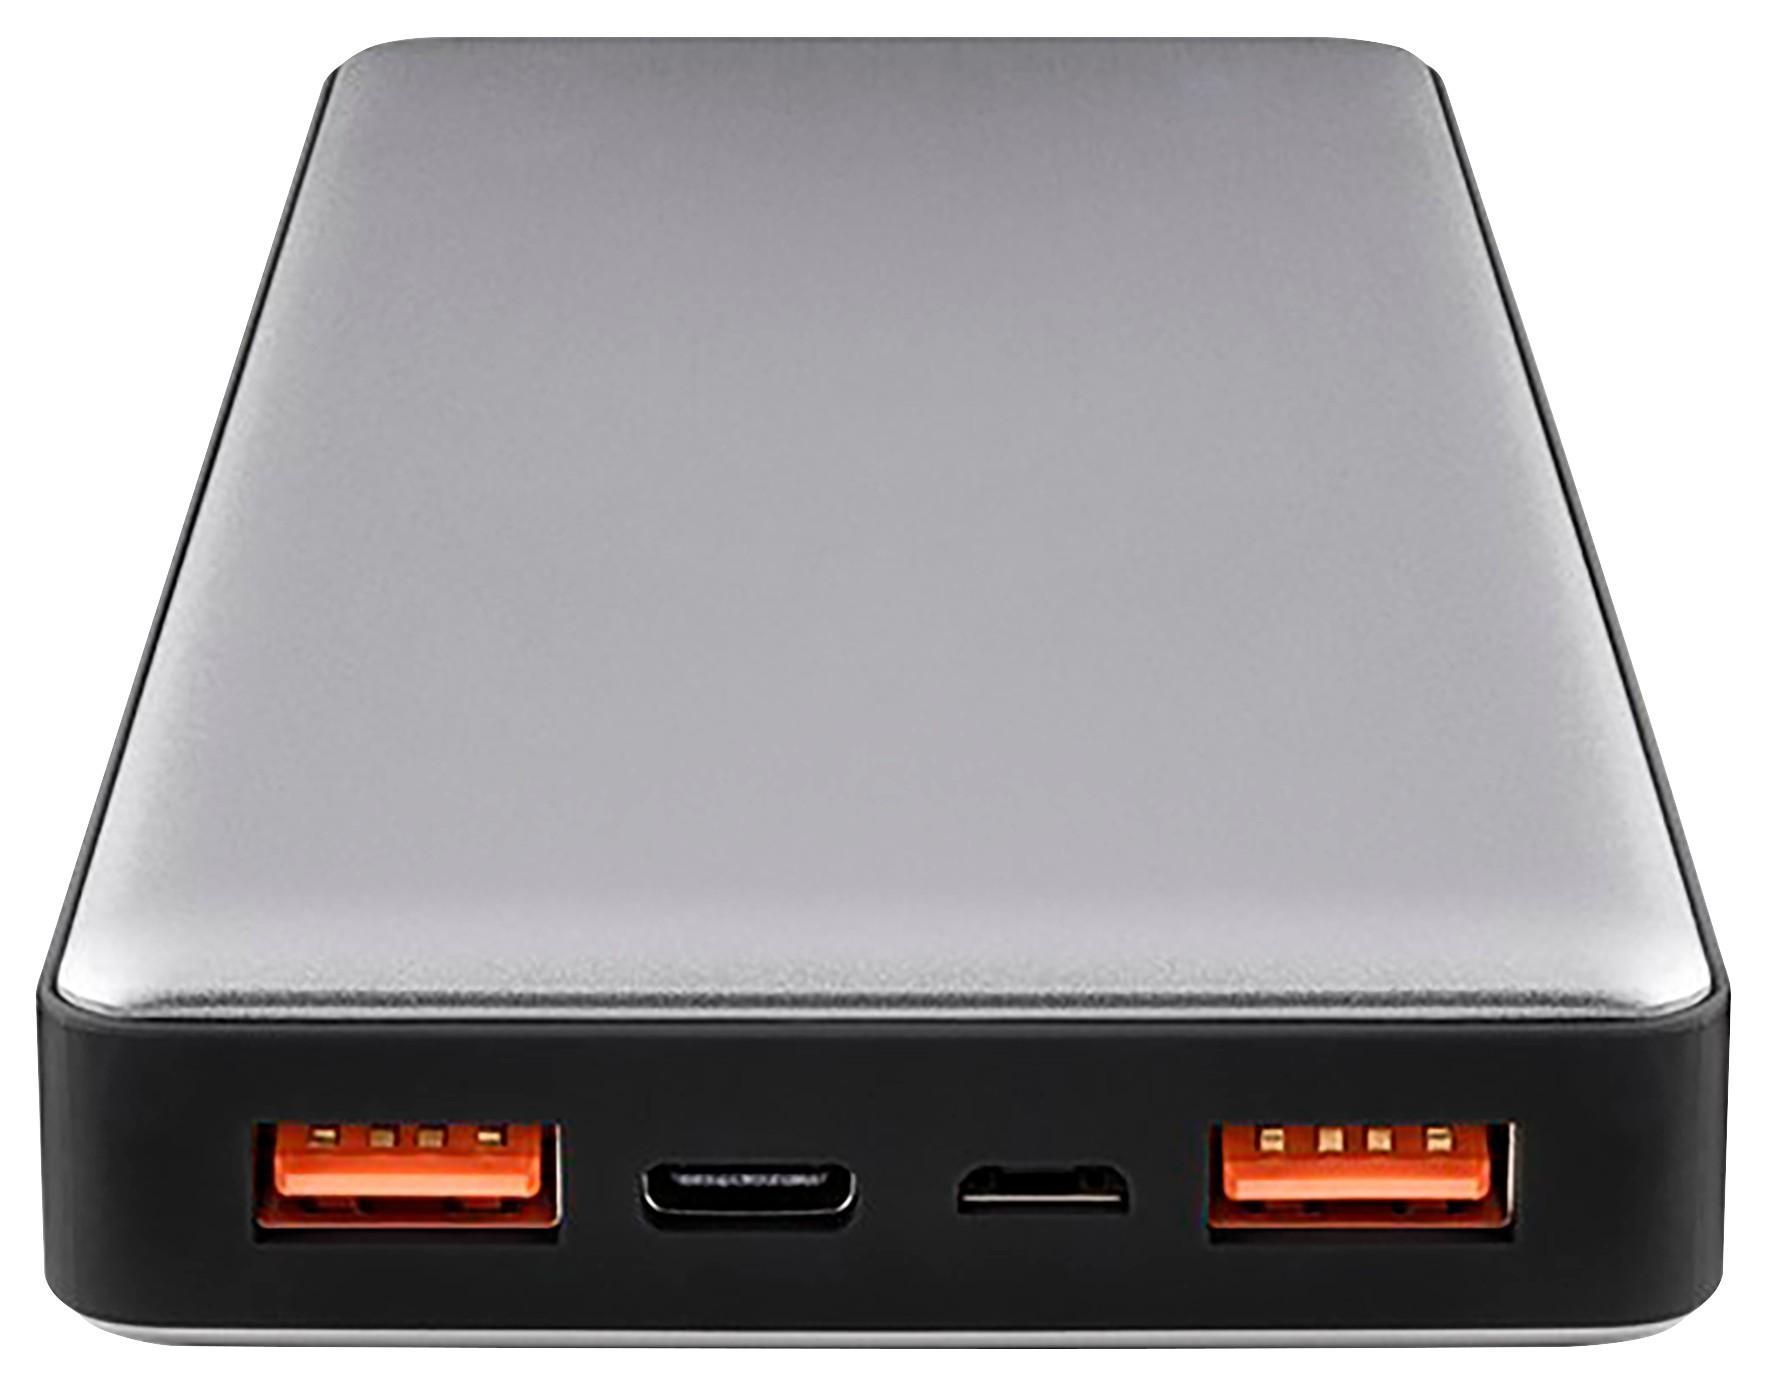 Goobay 15000mAh Įkroviklis-akumuliatorius (Power Bank)  USB/USB-C